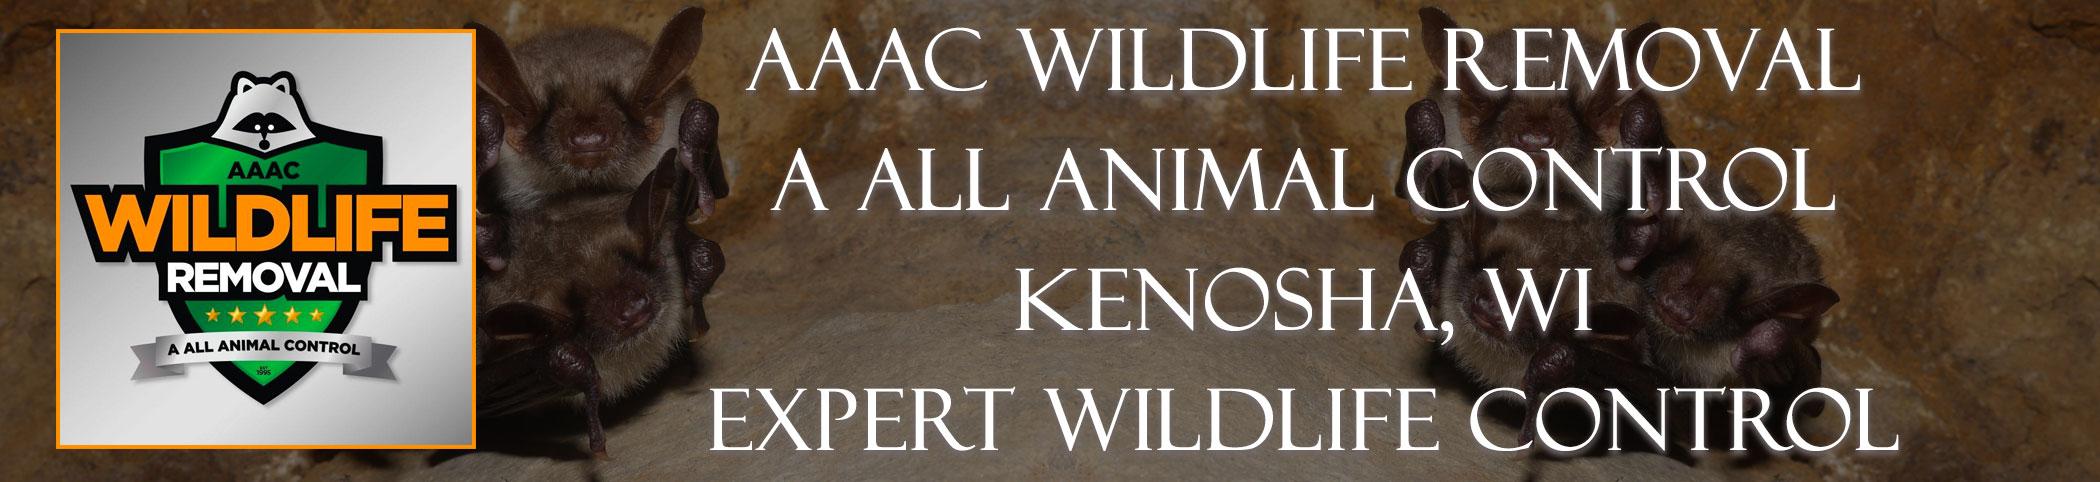 aaac-wildlife-removal-kenosha-wisconsin